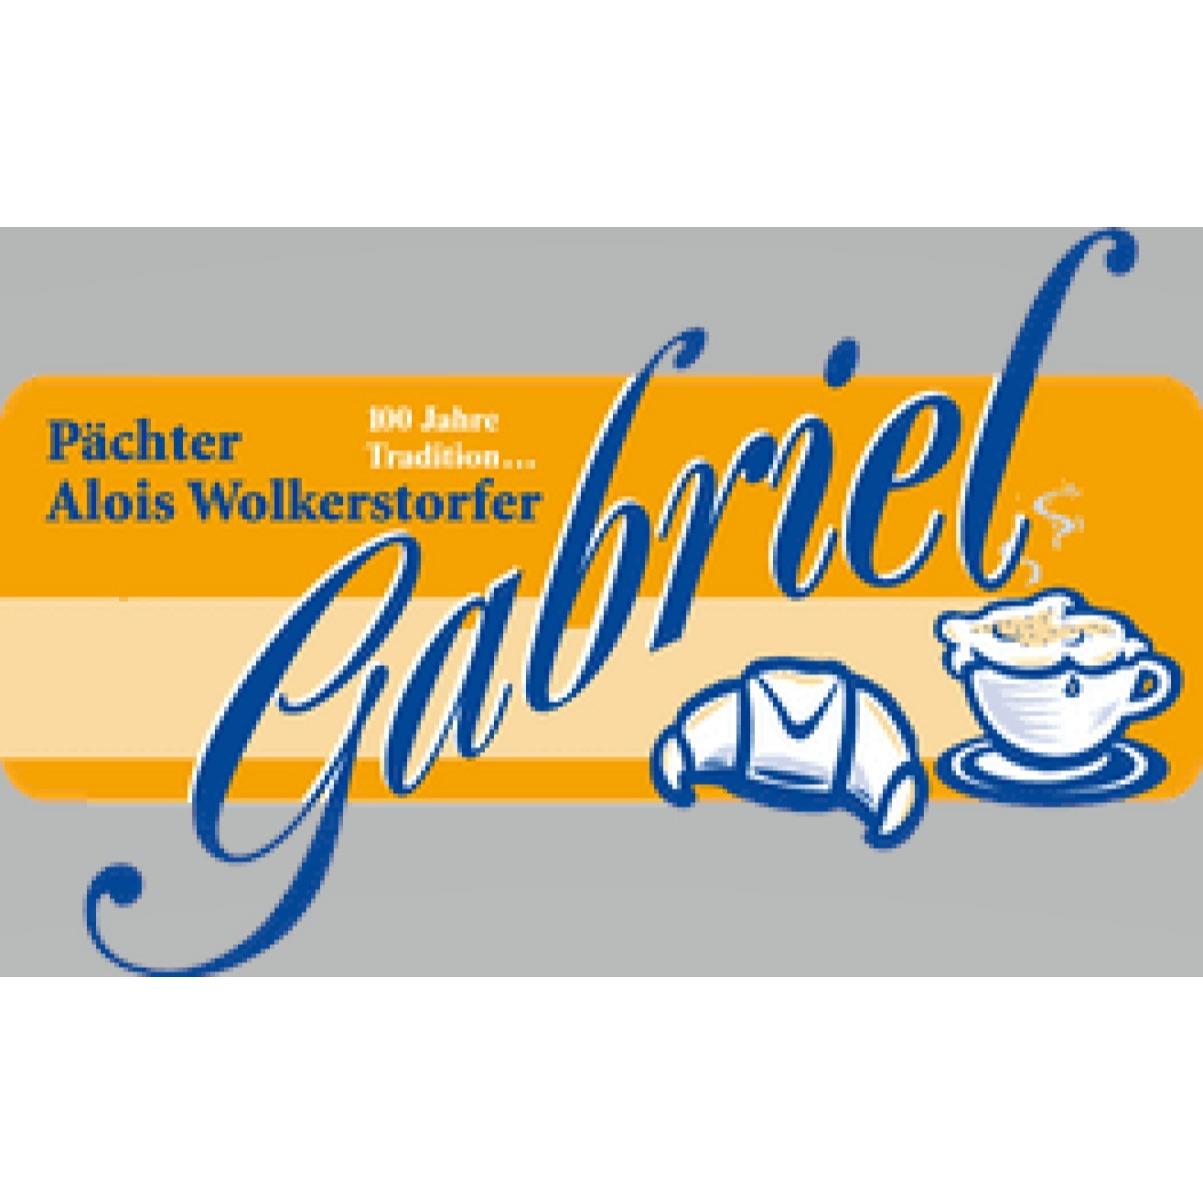 Bäckerei Gabriel - Wolkerstorfer Alois